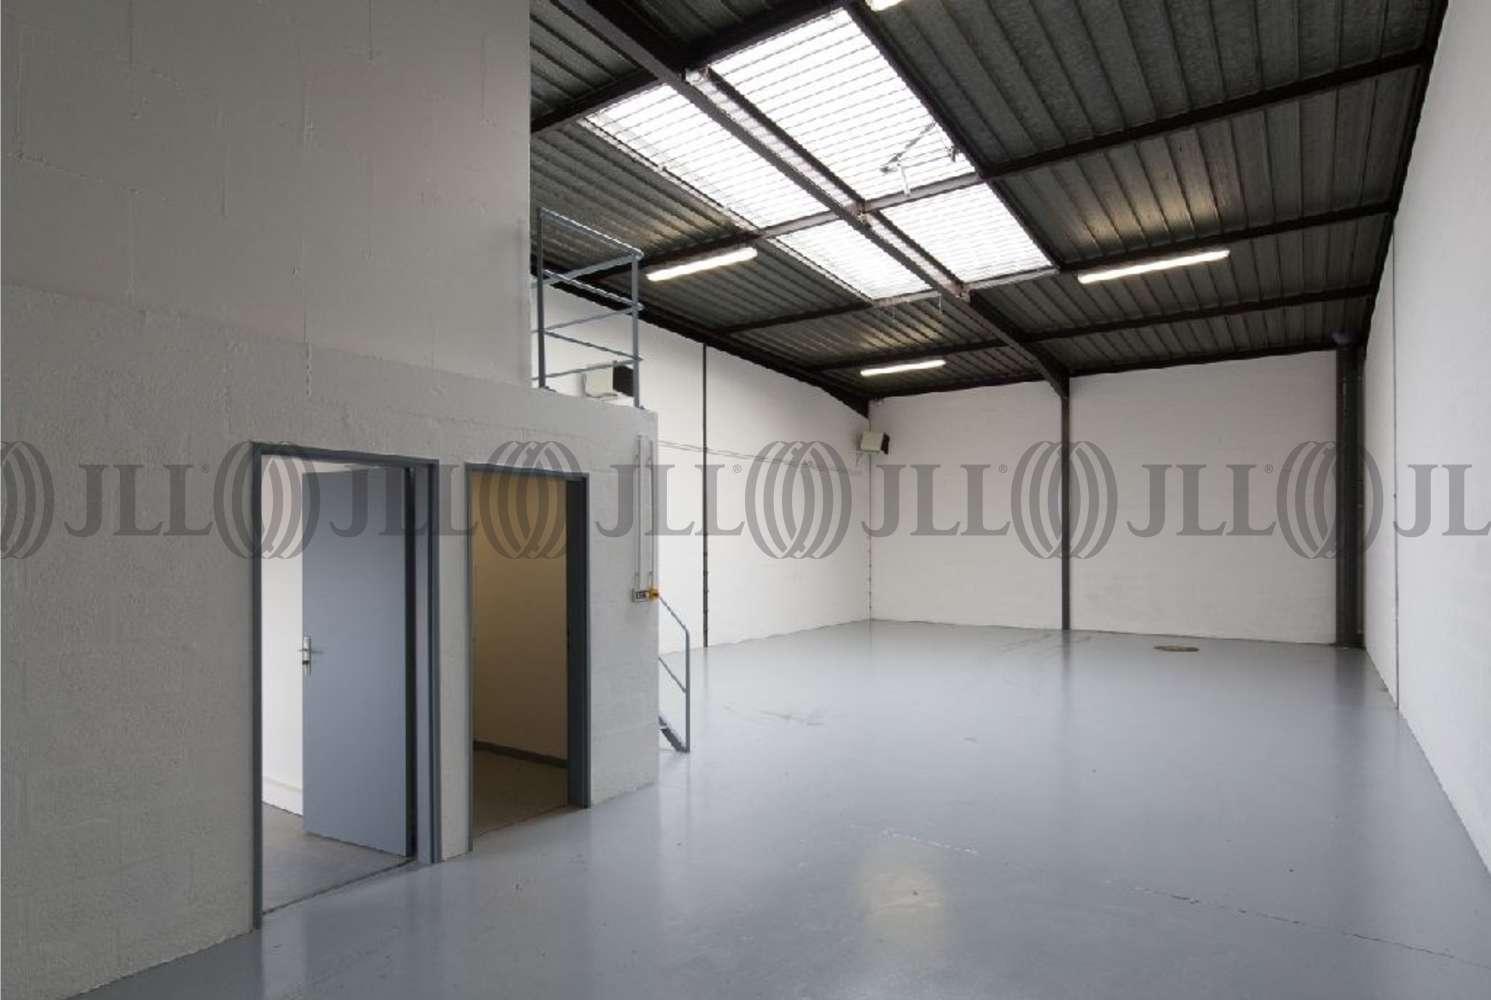 Activités/entrepôt St ouen l aumone, 95310 - PARC LES BETHUNES - 10852163